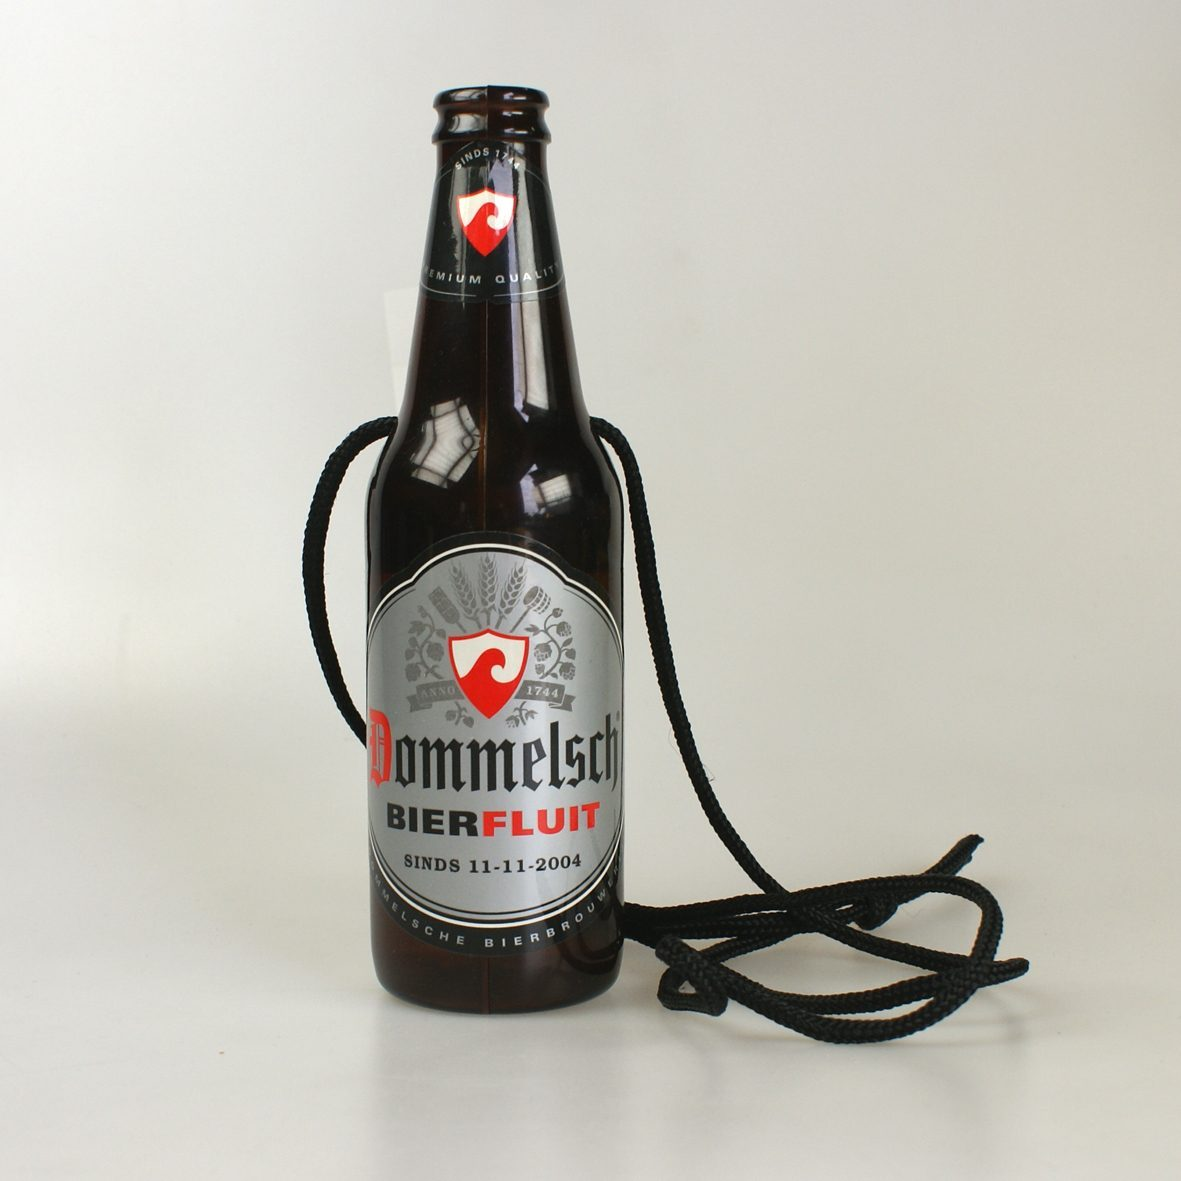 Bierflesfluit Dommelsch Image